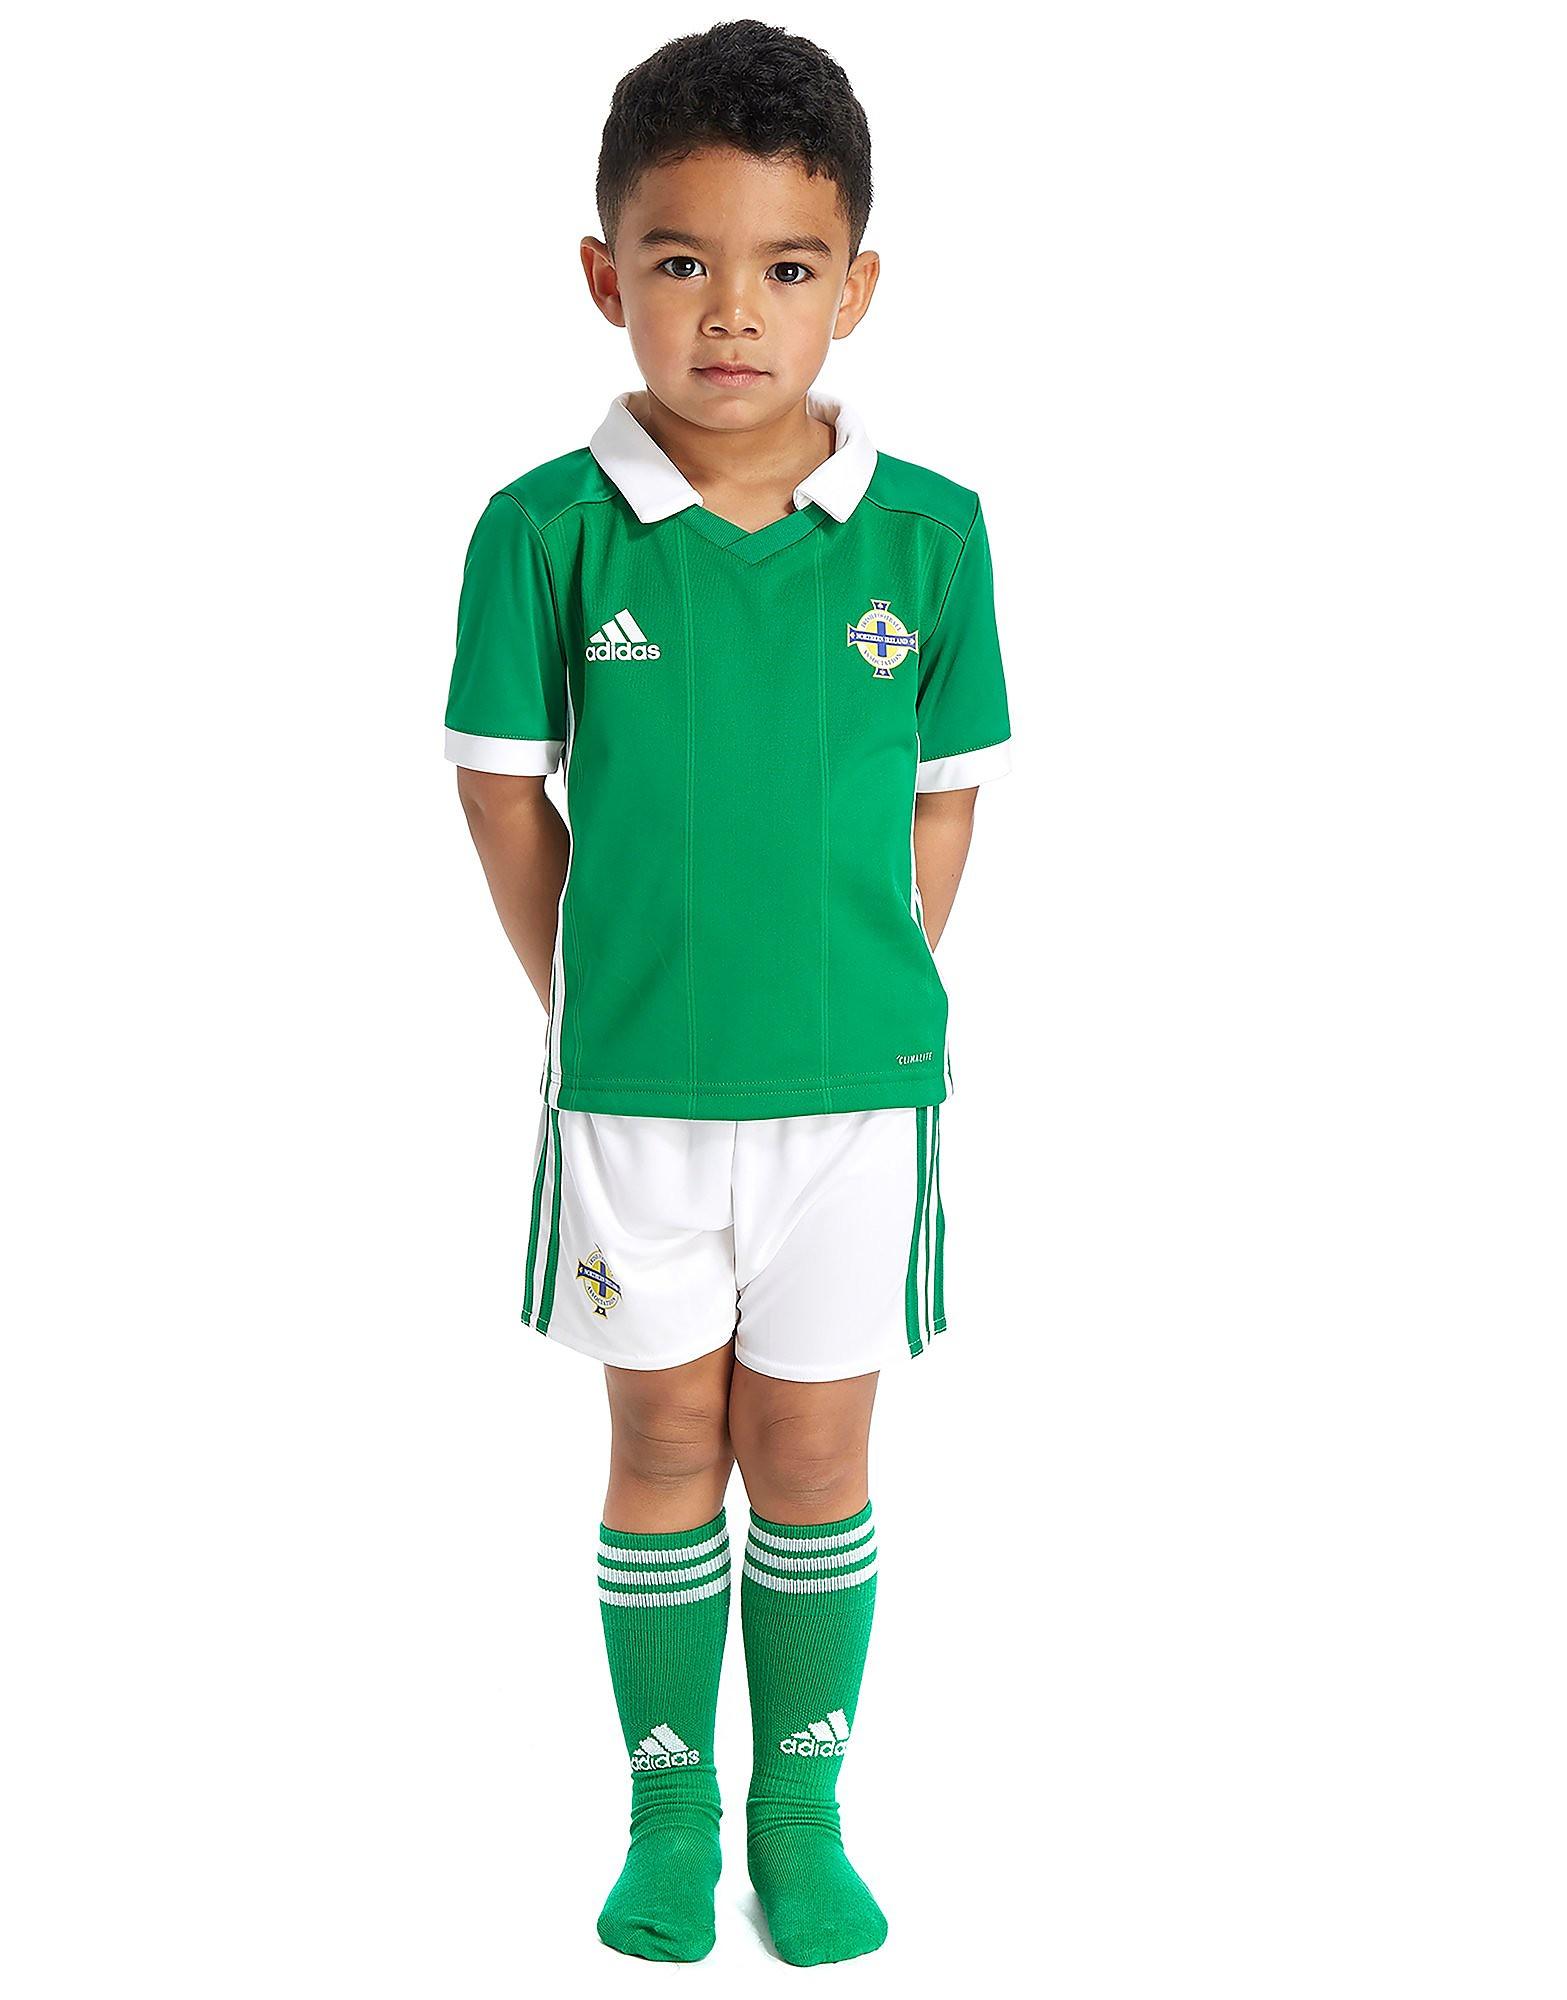 adidas 1.ª equipación infantil Irlanda del Norte 2017/18